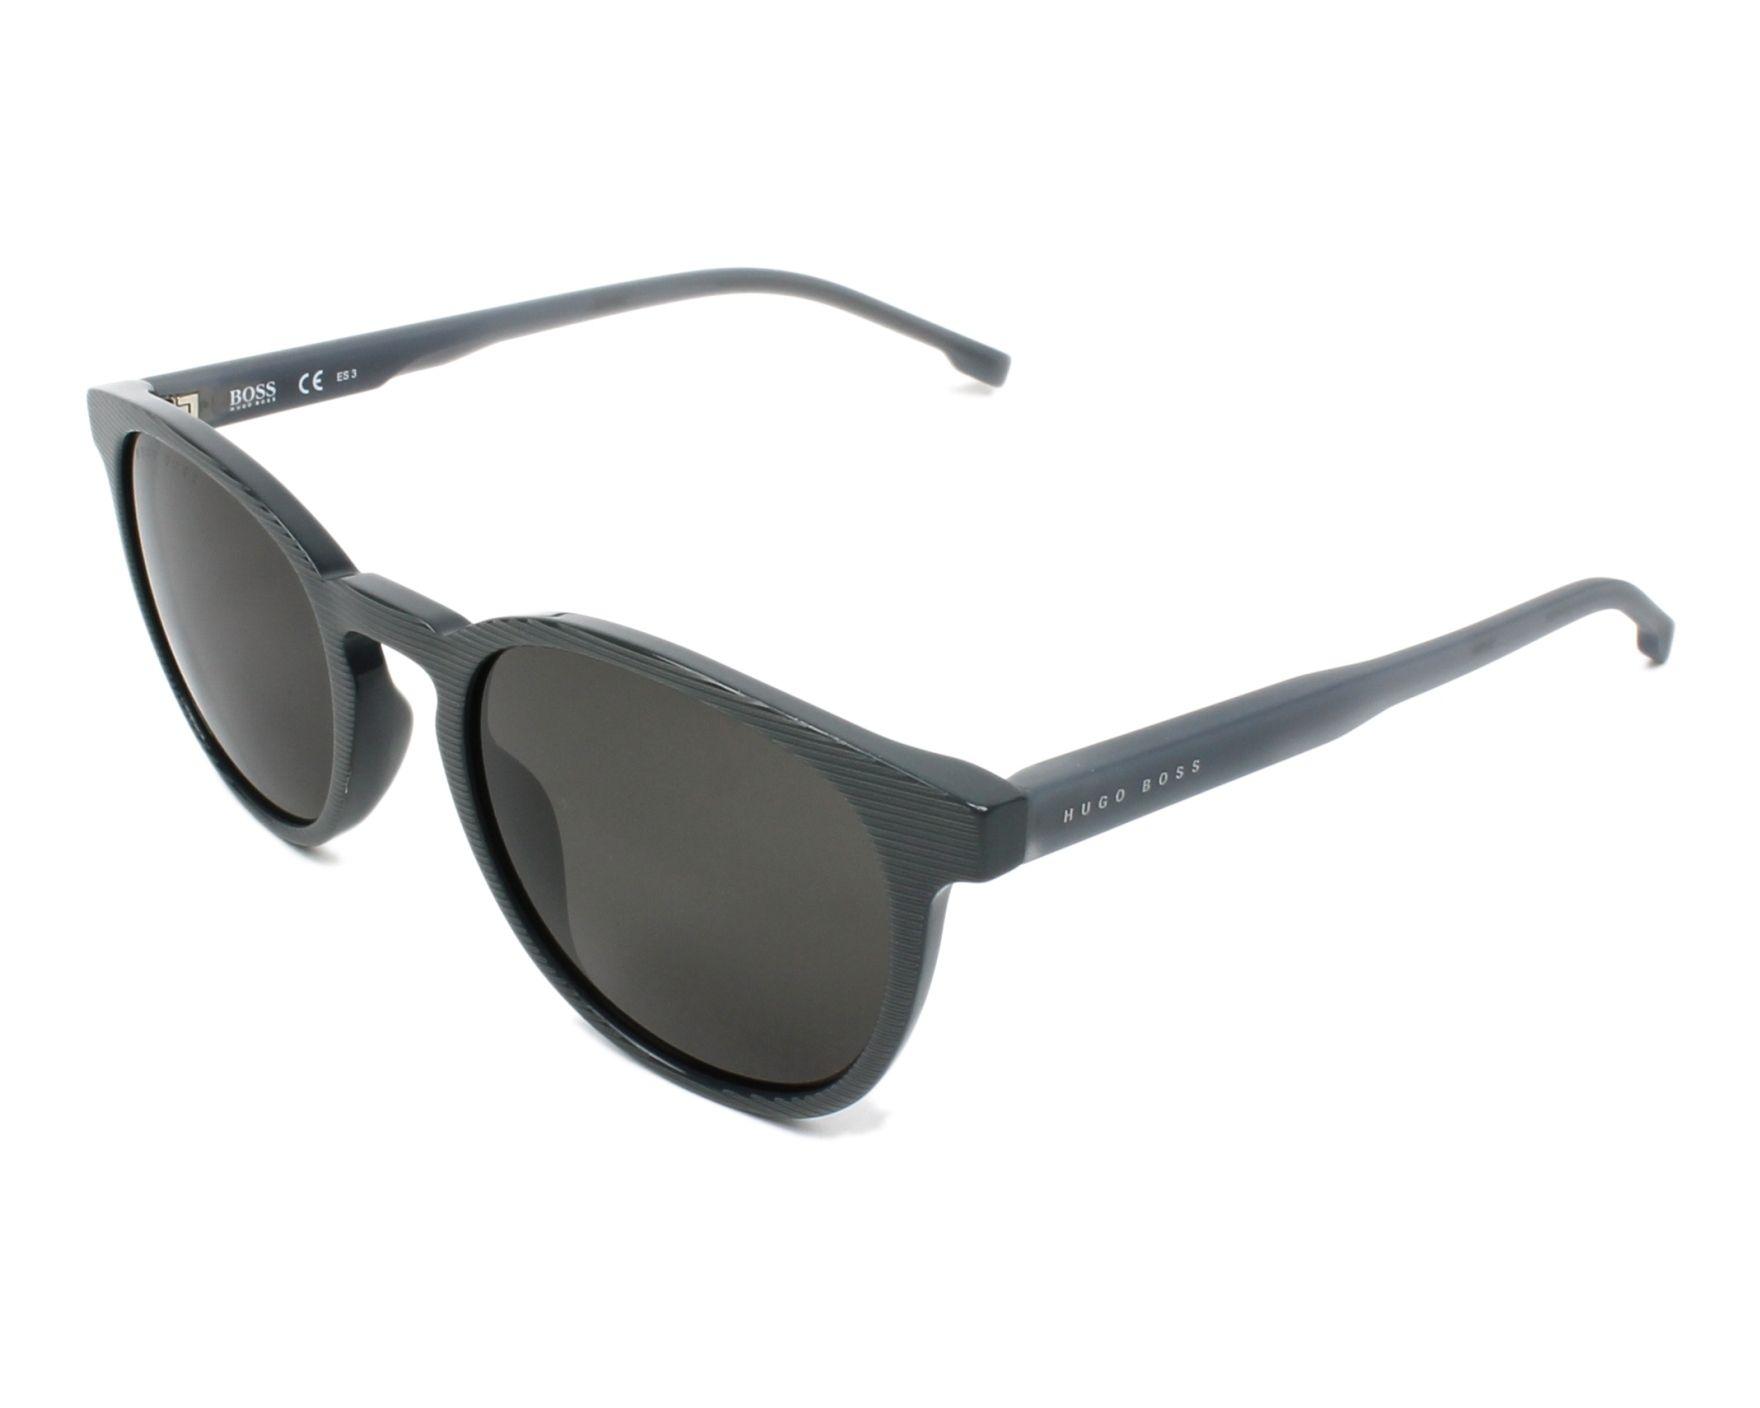 lunettes de soleil hugo boss boss 0922 s pzh ir gris avec des verres gris. Black Bedroom Furniture Sets. Home Design Ideas